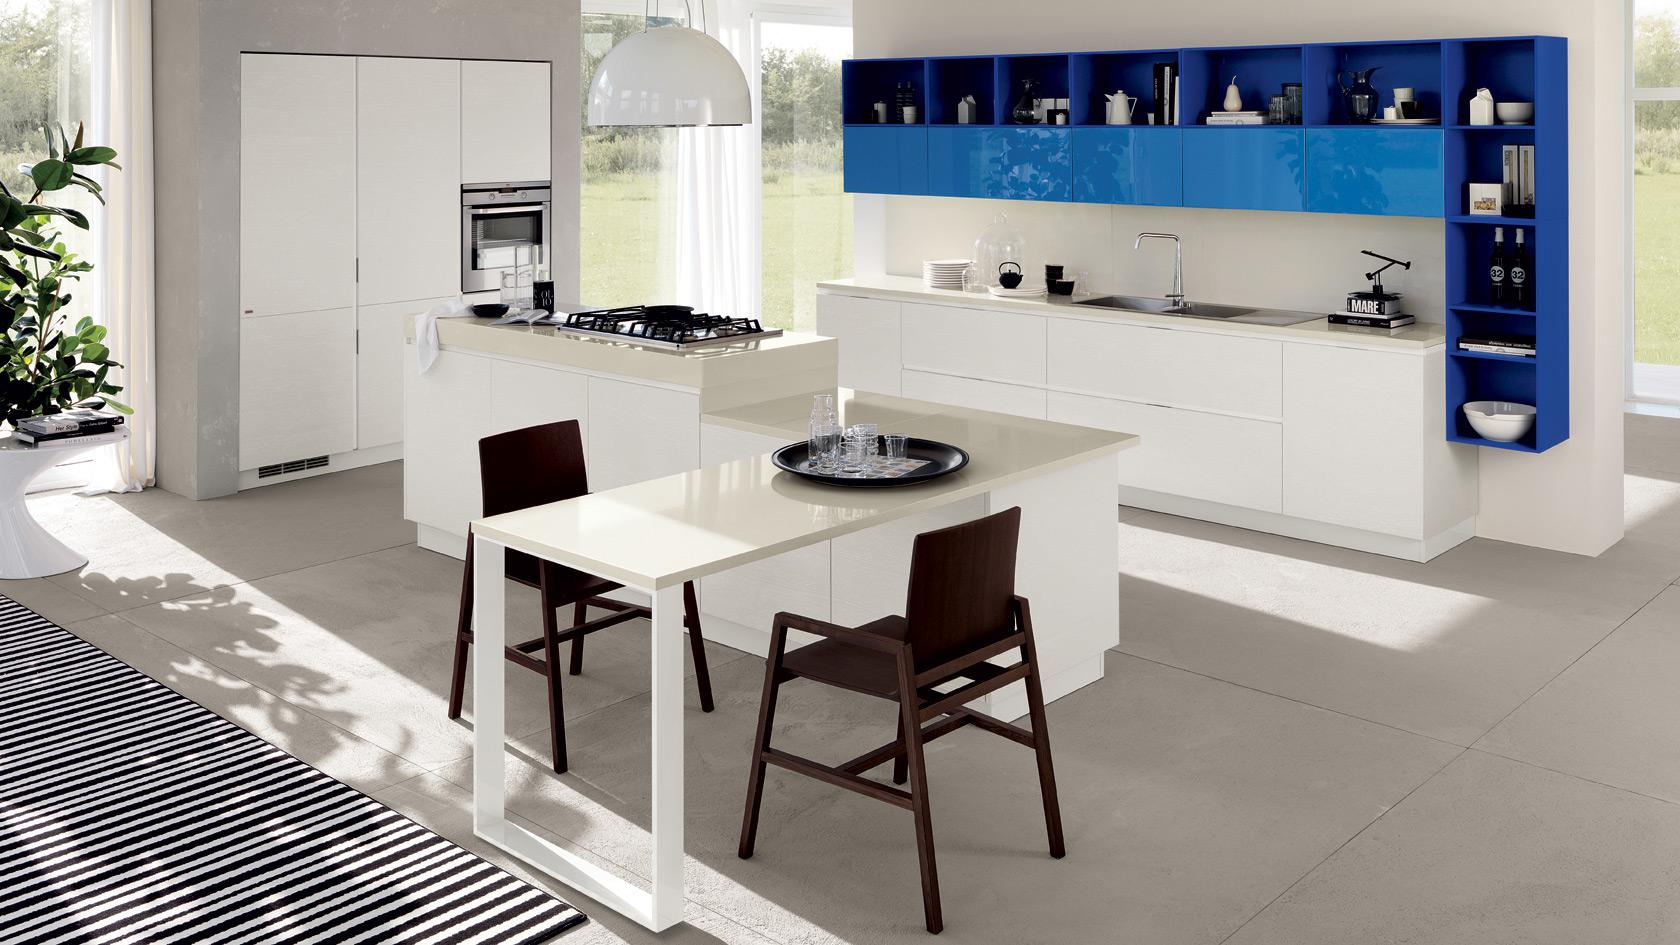 Cucine Scavolini Con Lavello Ad Angolo : Cucine Acciaio E Vetro  #1C649E 1680 945 Programma Per Progettare Cucine Scavolini